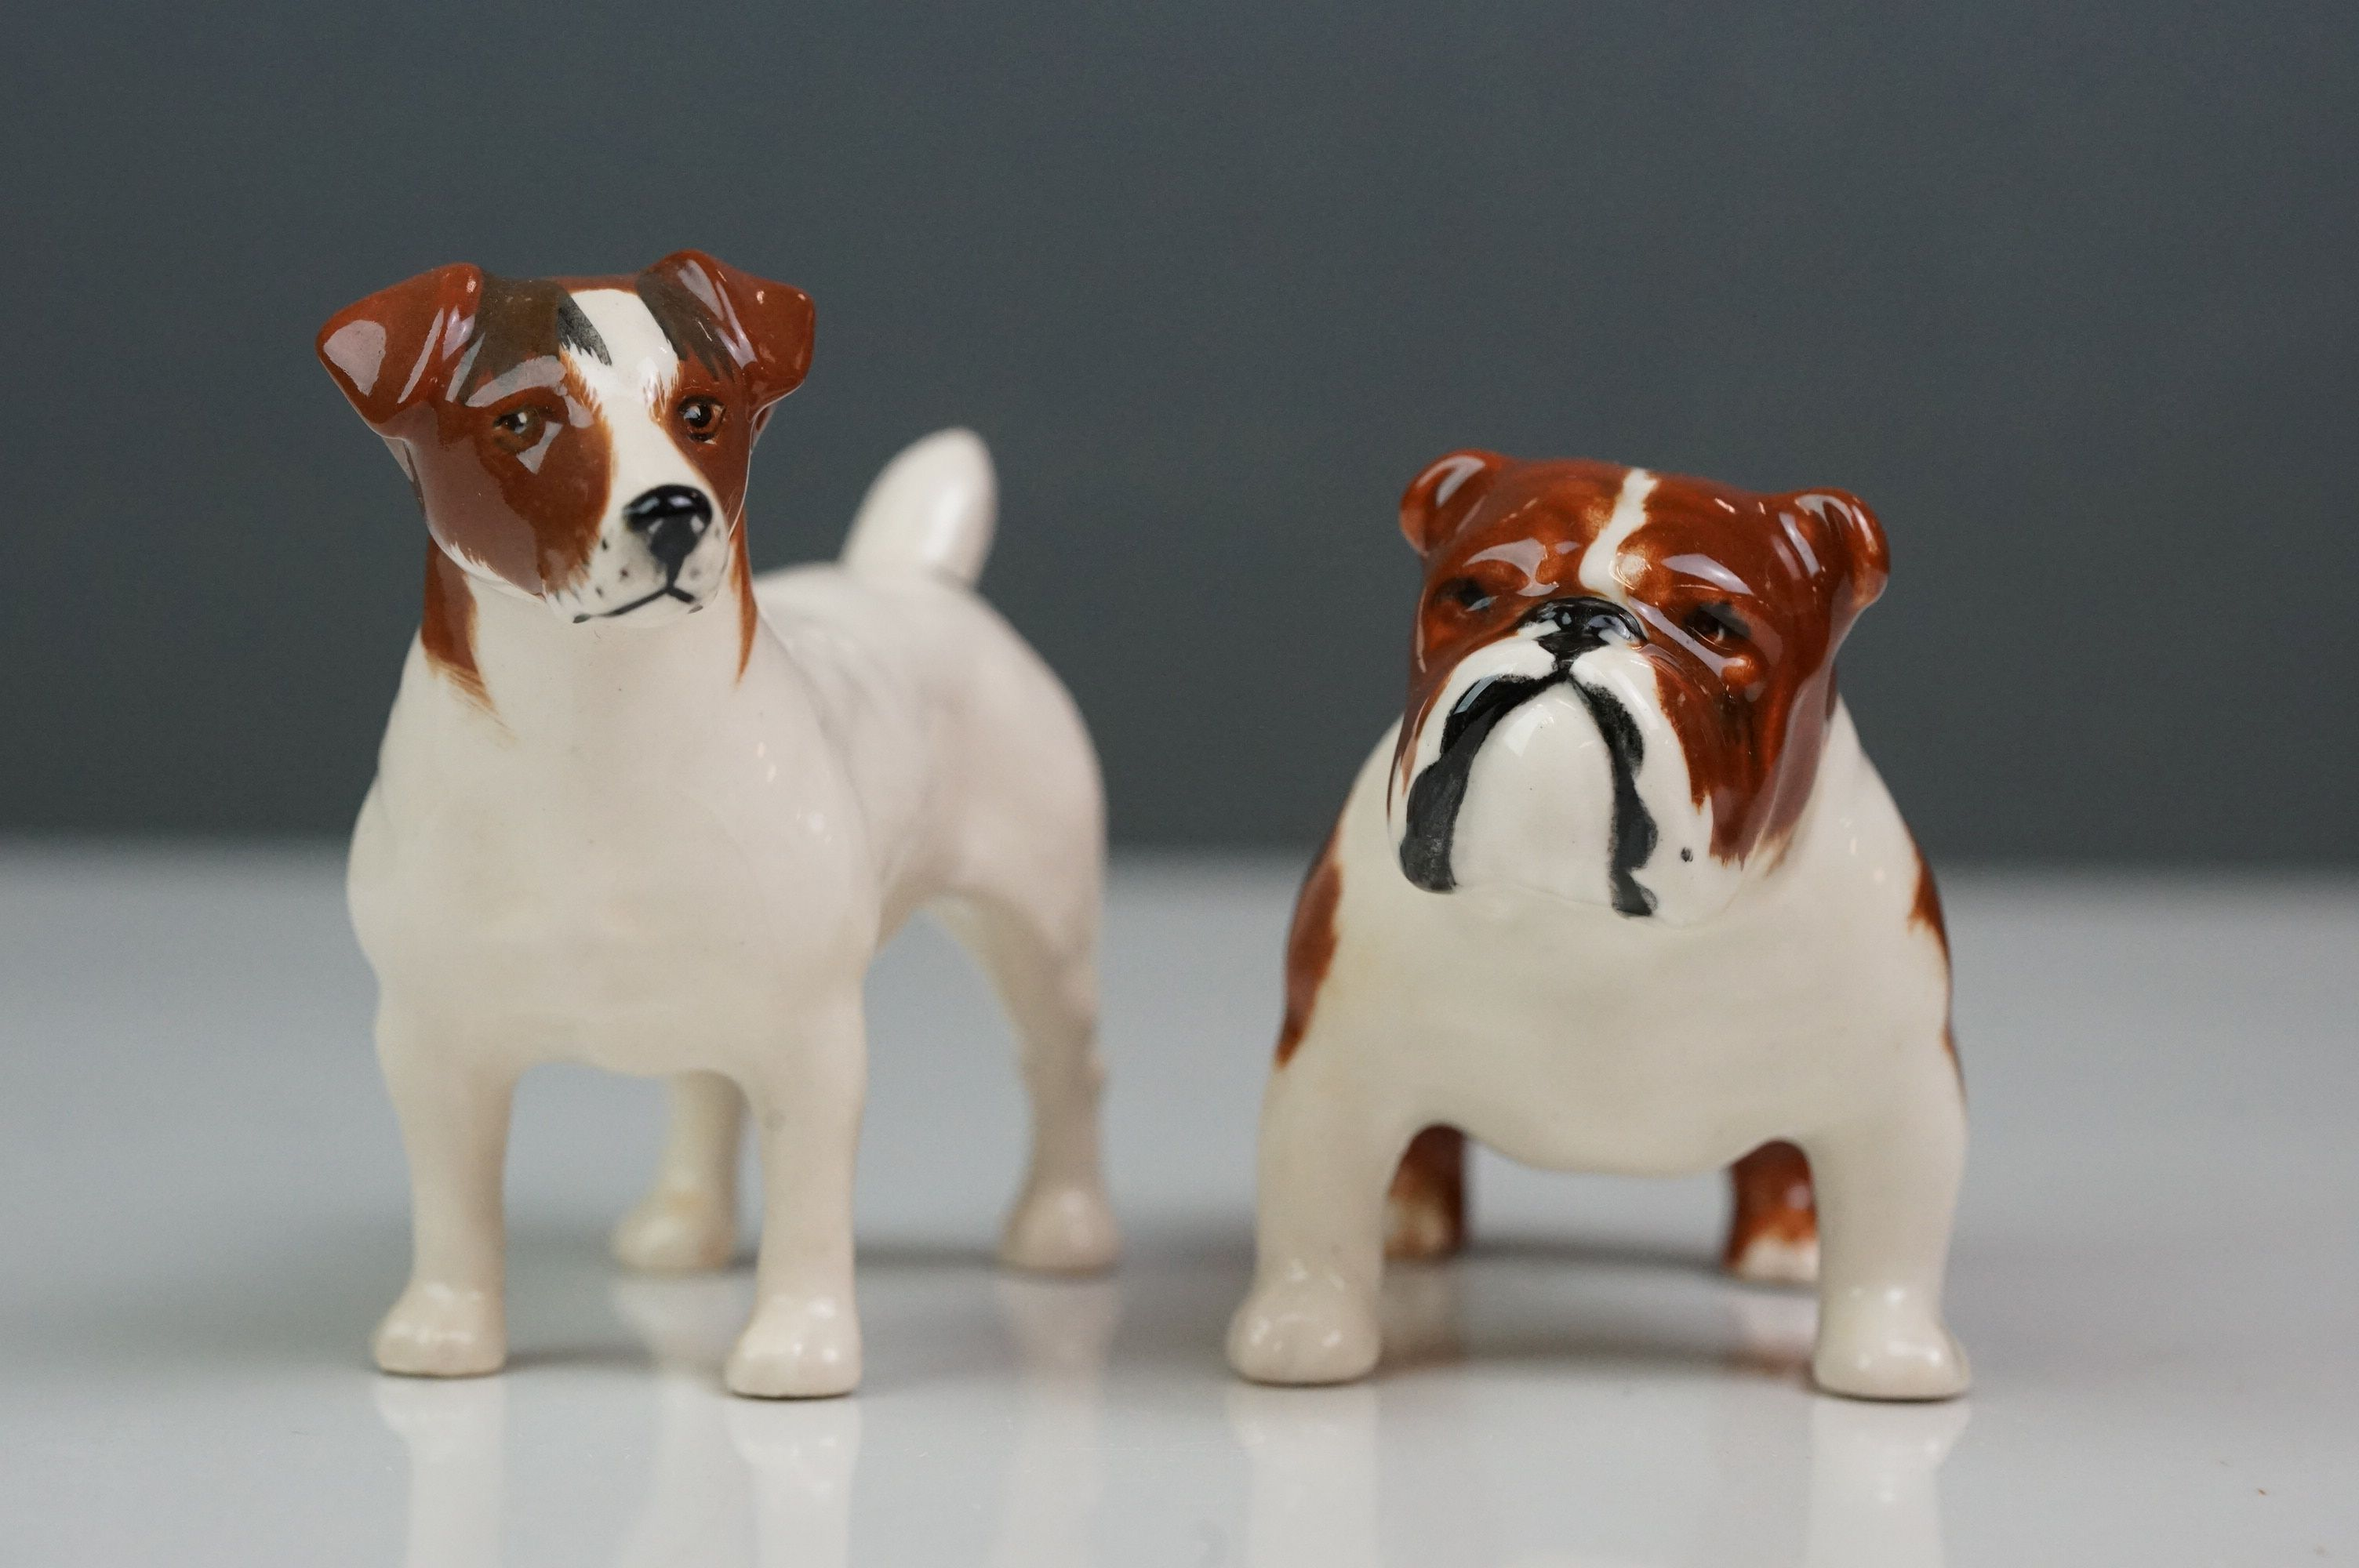 Six Beswick dogs: Bulldog Bosun small, model no. 1731; Corgi small, model no. 1736; Collie small, - Image 9 of 12